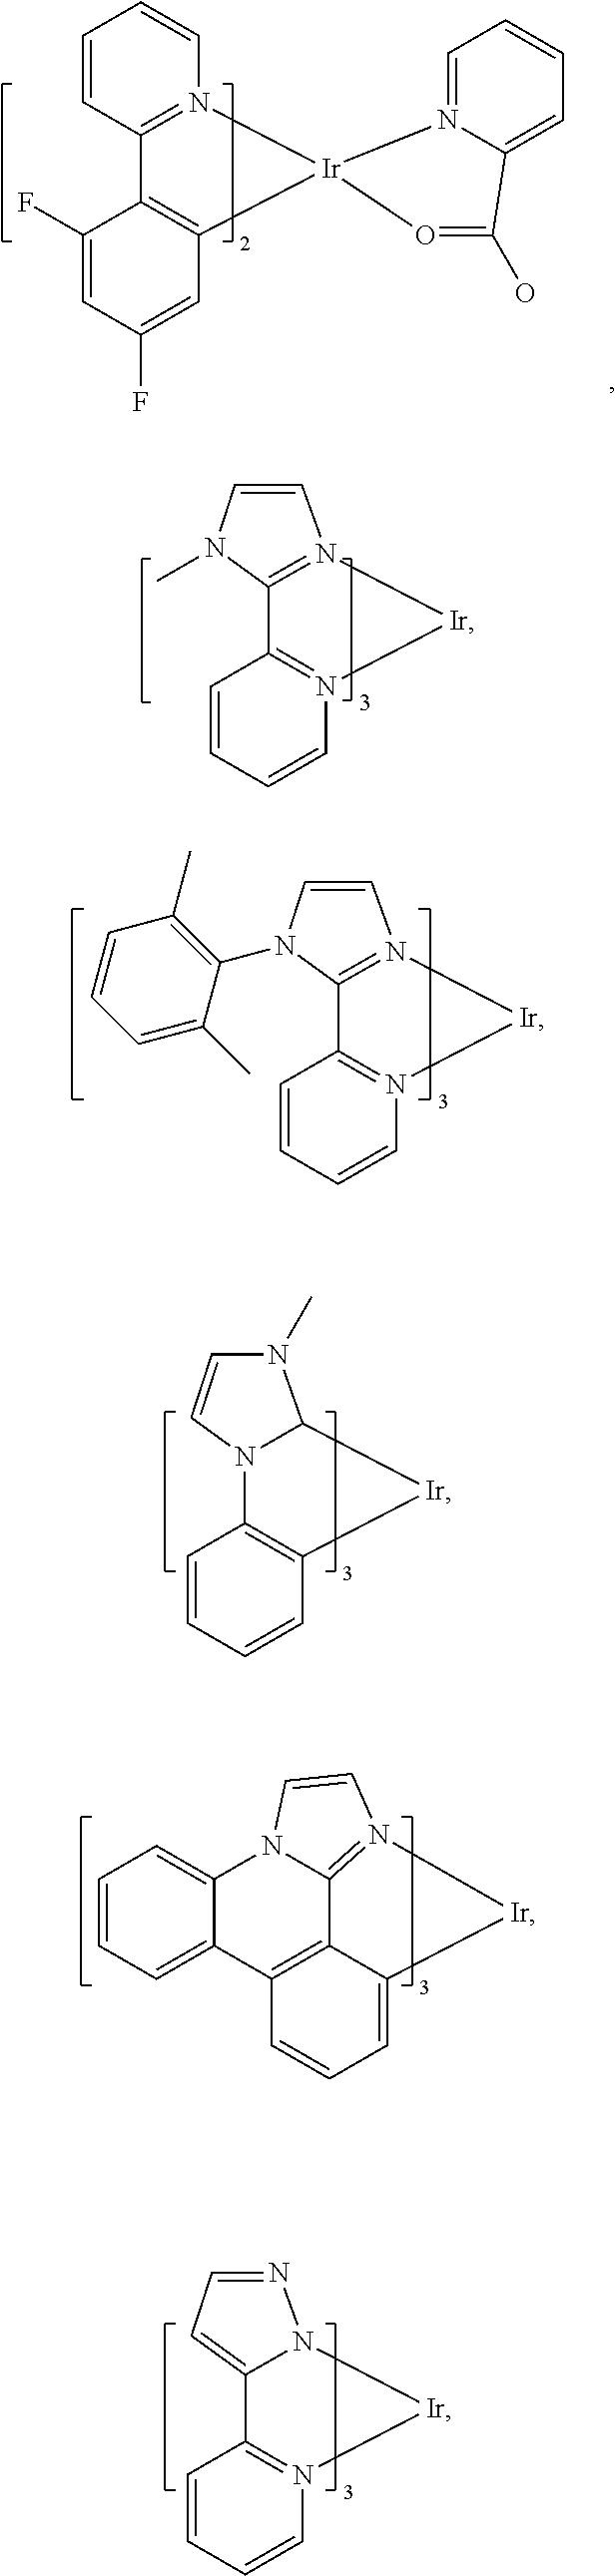 Figure US09455411-20160927-C00209